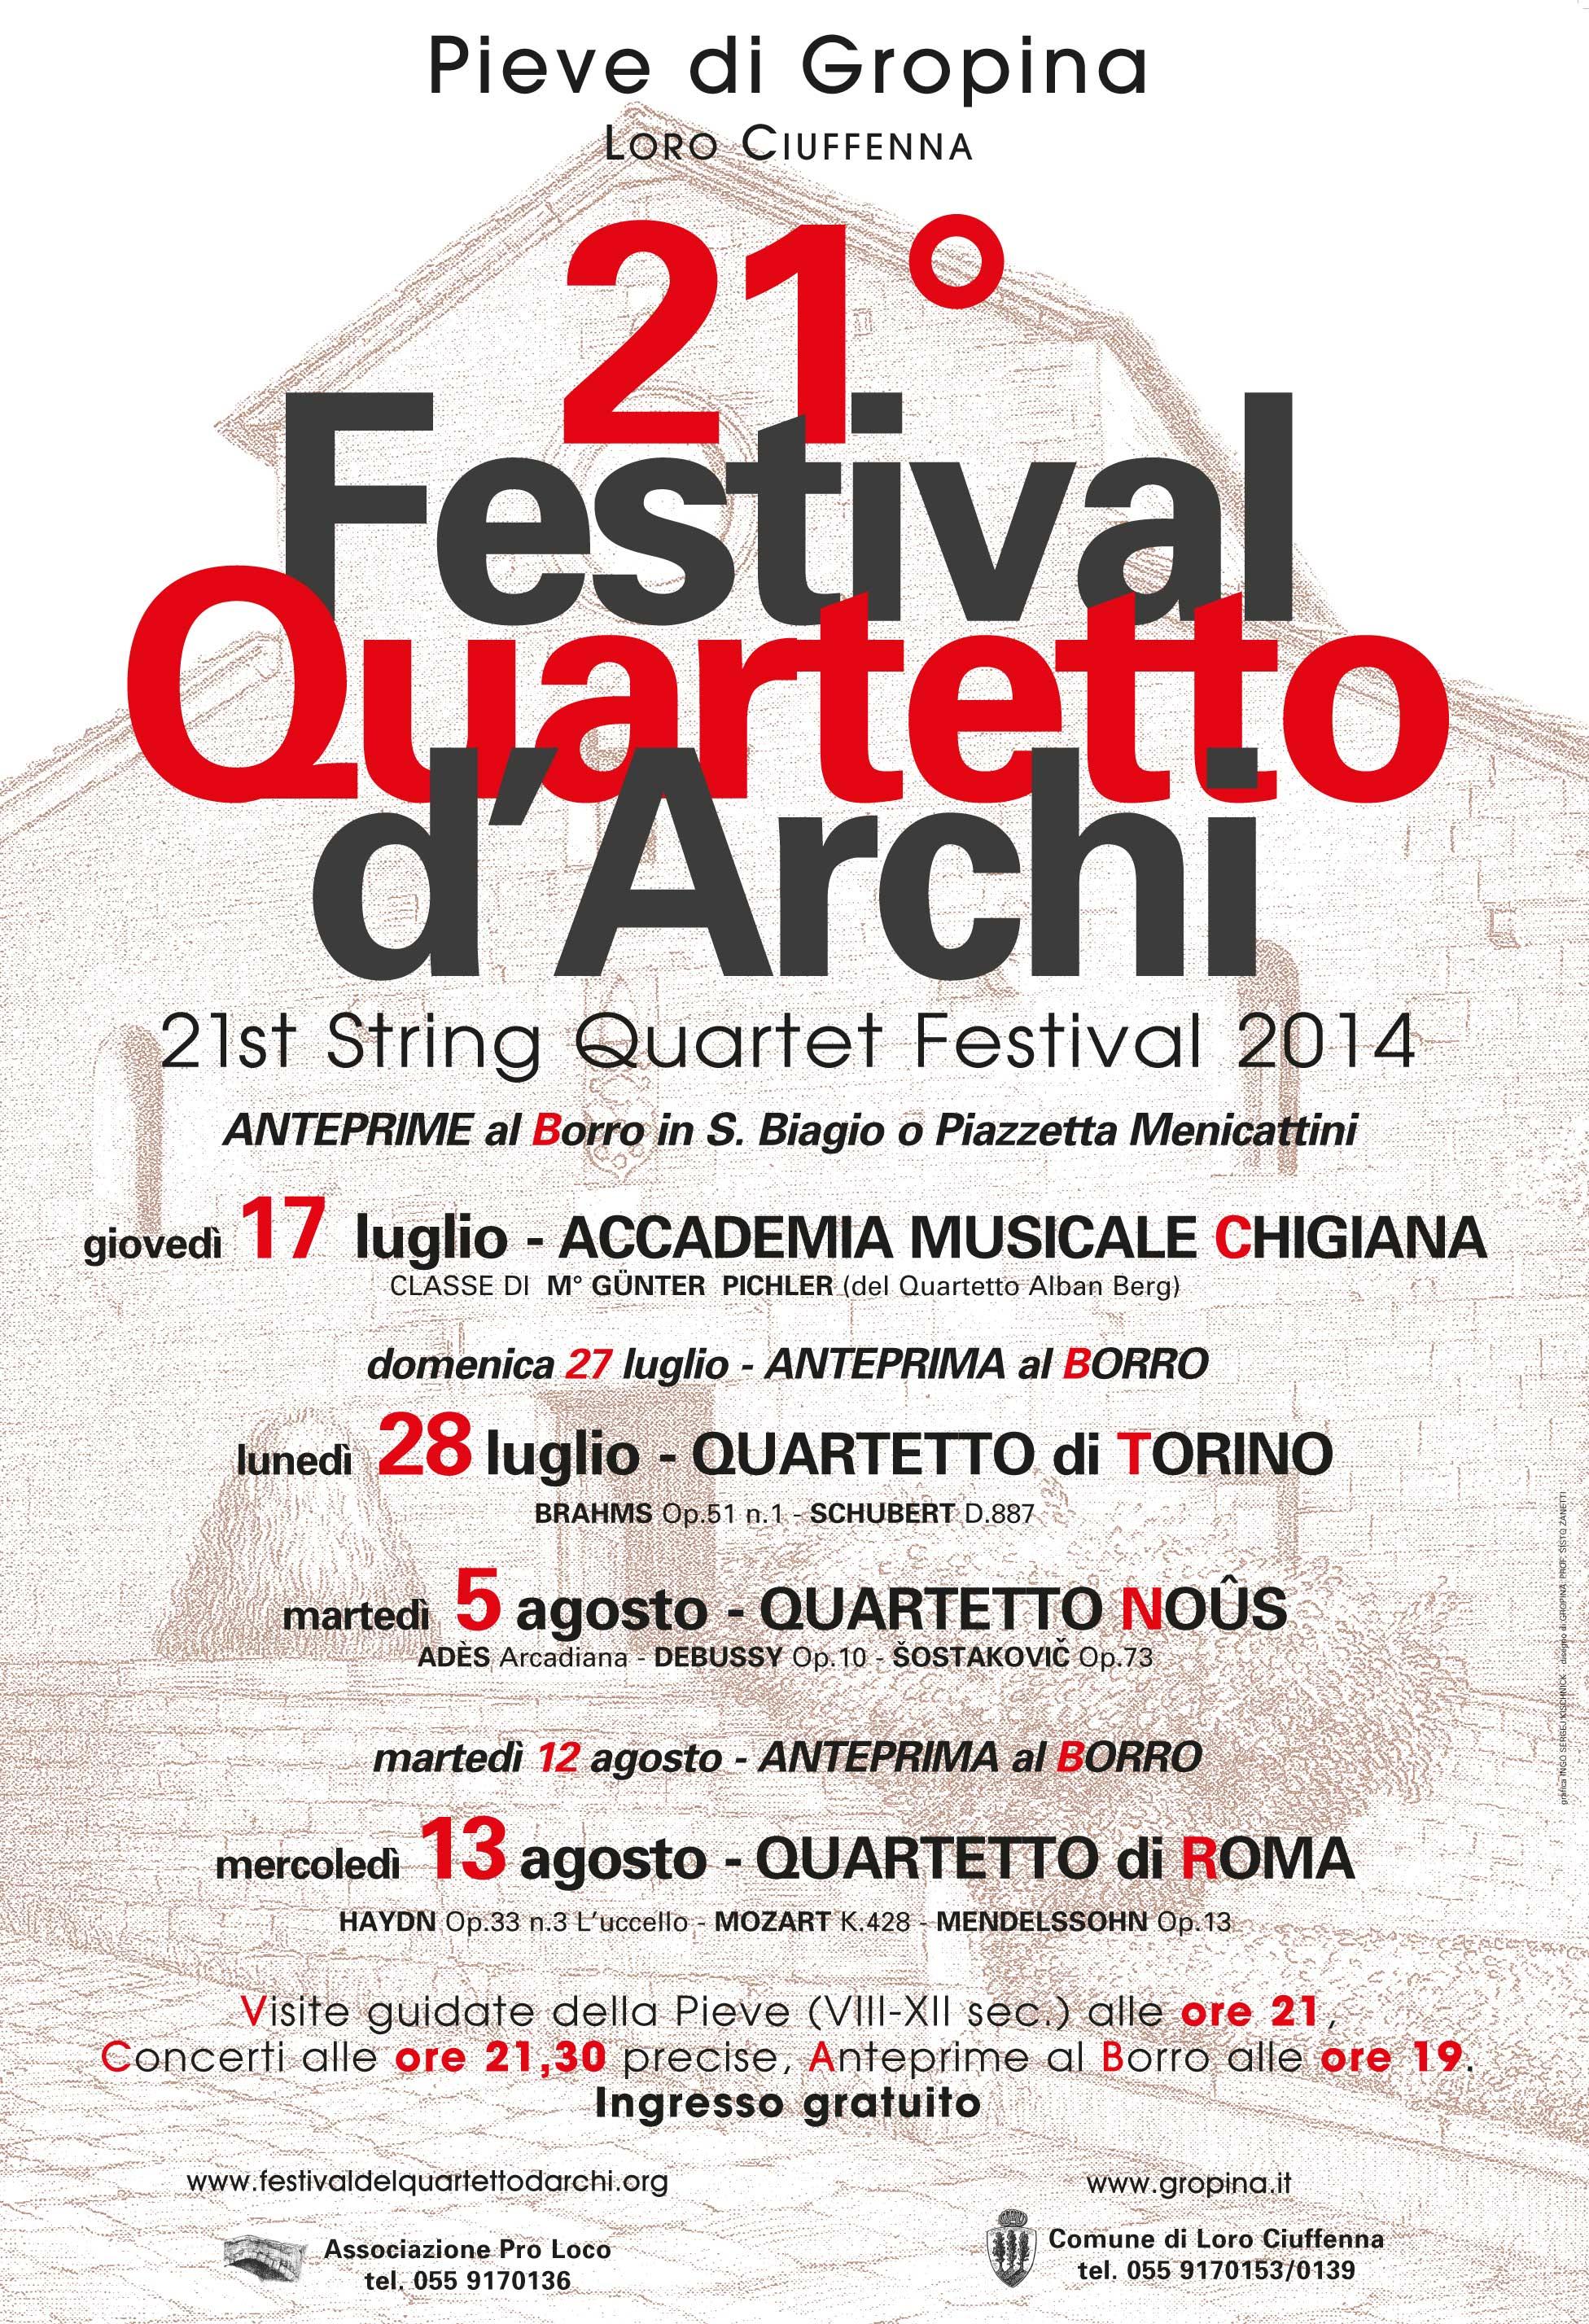 festival del quartetto d archi 2011 2016 festival quartetto d 39 archi. Black Bedroom Furniture Sets. Home Design Ideas